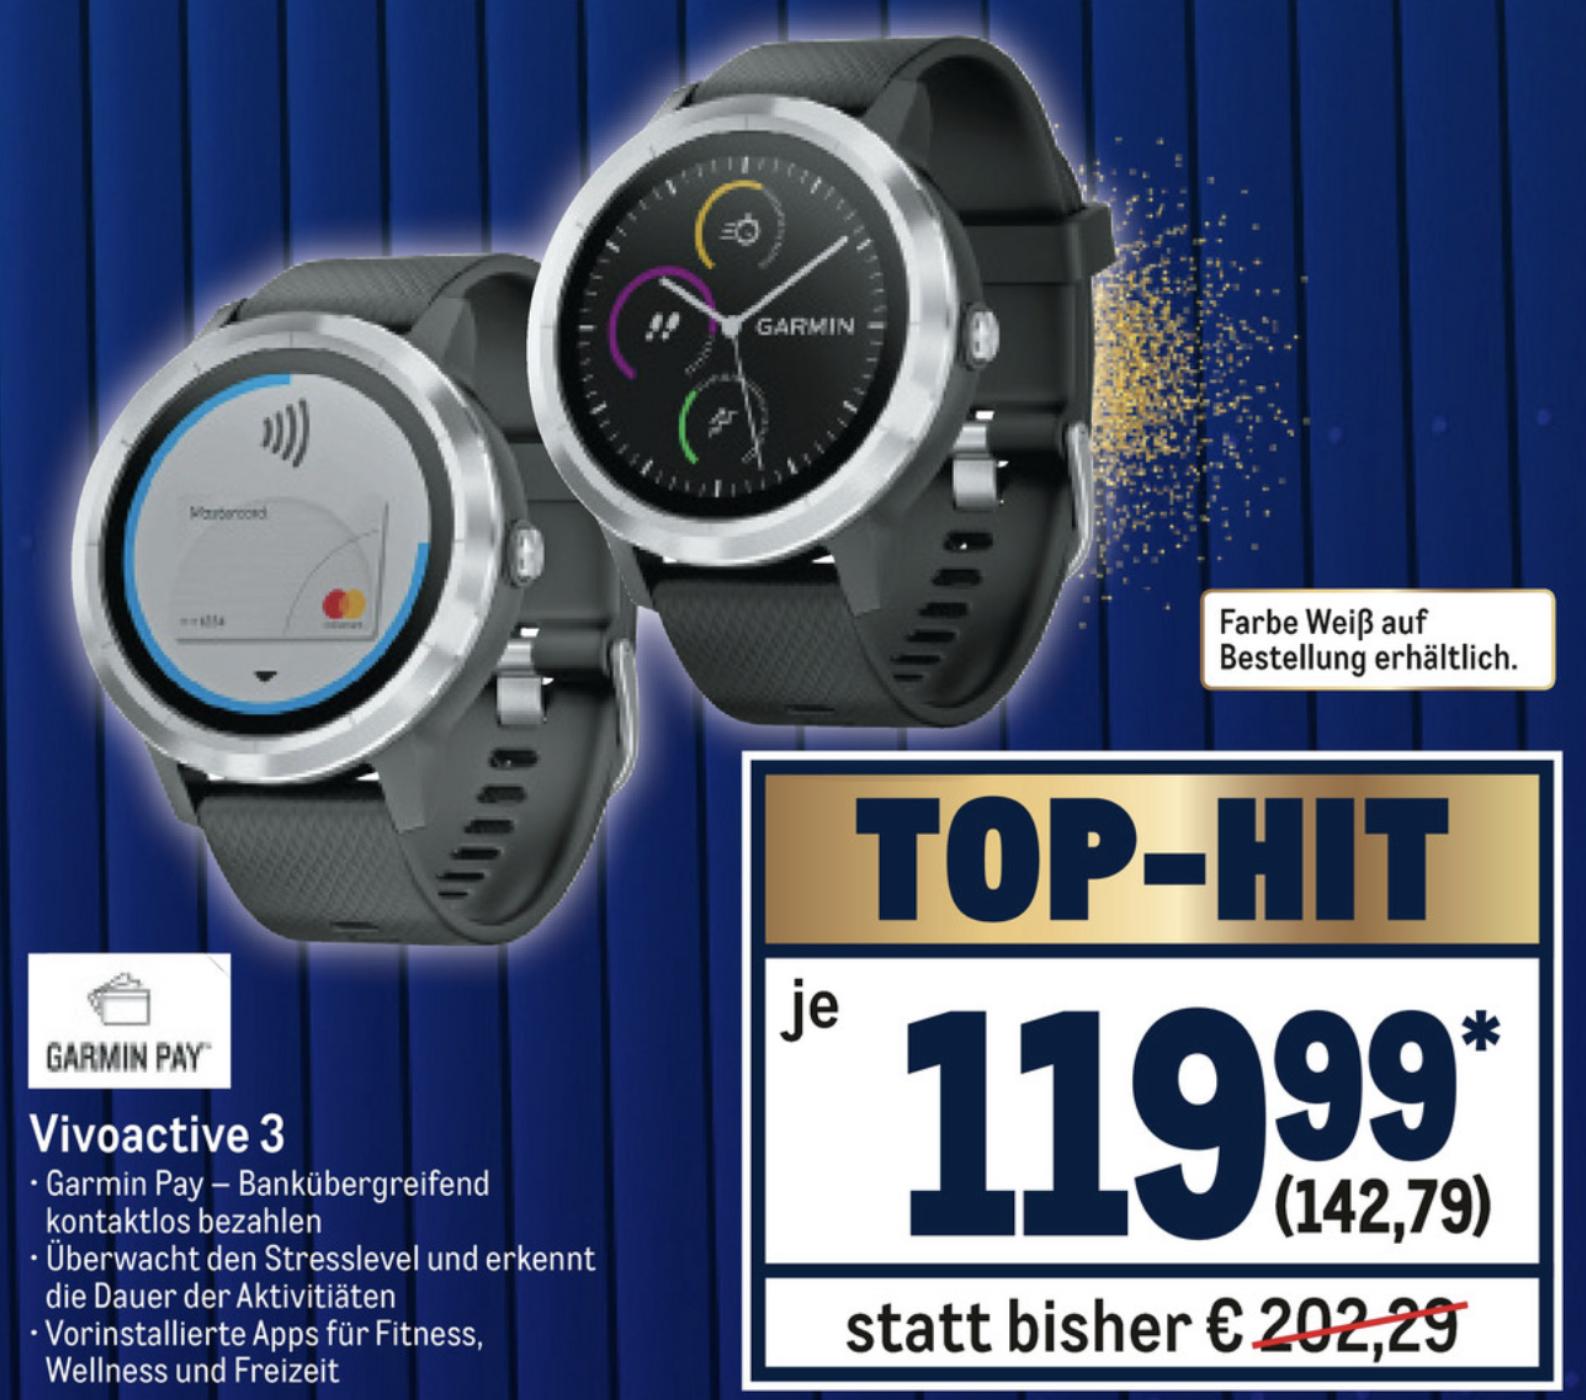 Ab 12.09. Metro: Garmin Vivoactive 3 Smartwatch für 142,79€ - mit NL Gutschein 132,79€ möglich